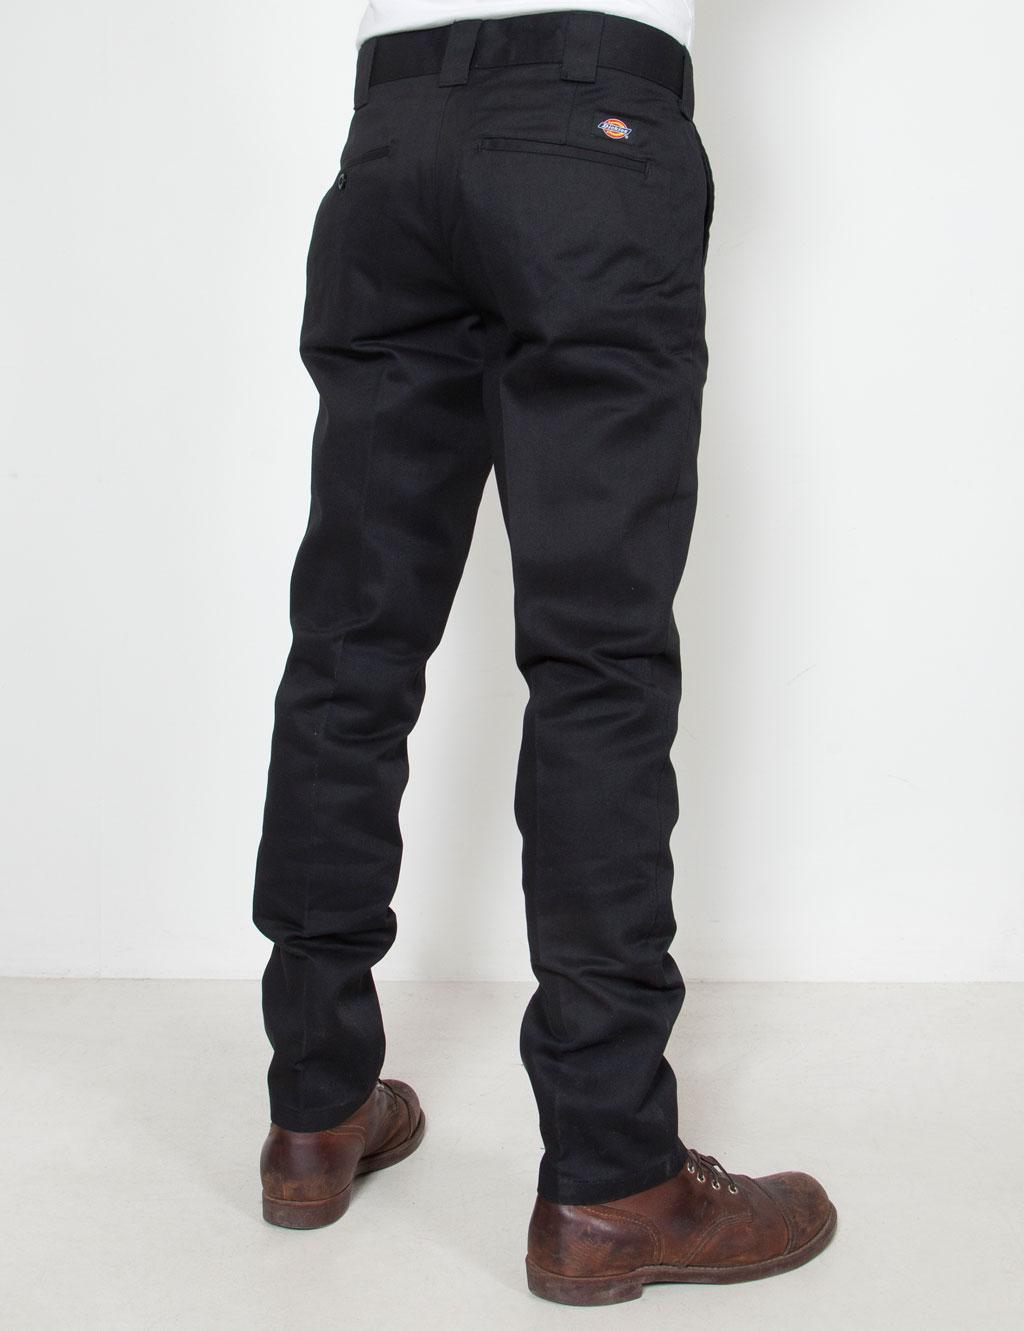 Dickies - 872 Slim Fit Work Pant - Black 5c6f58b6b9e4